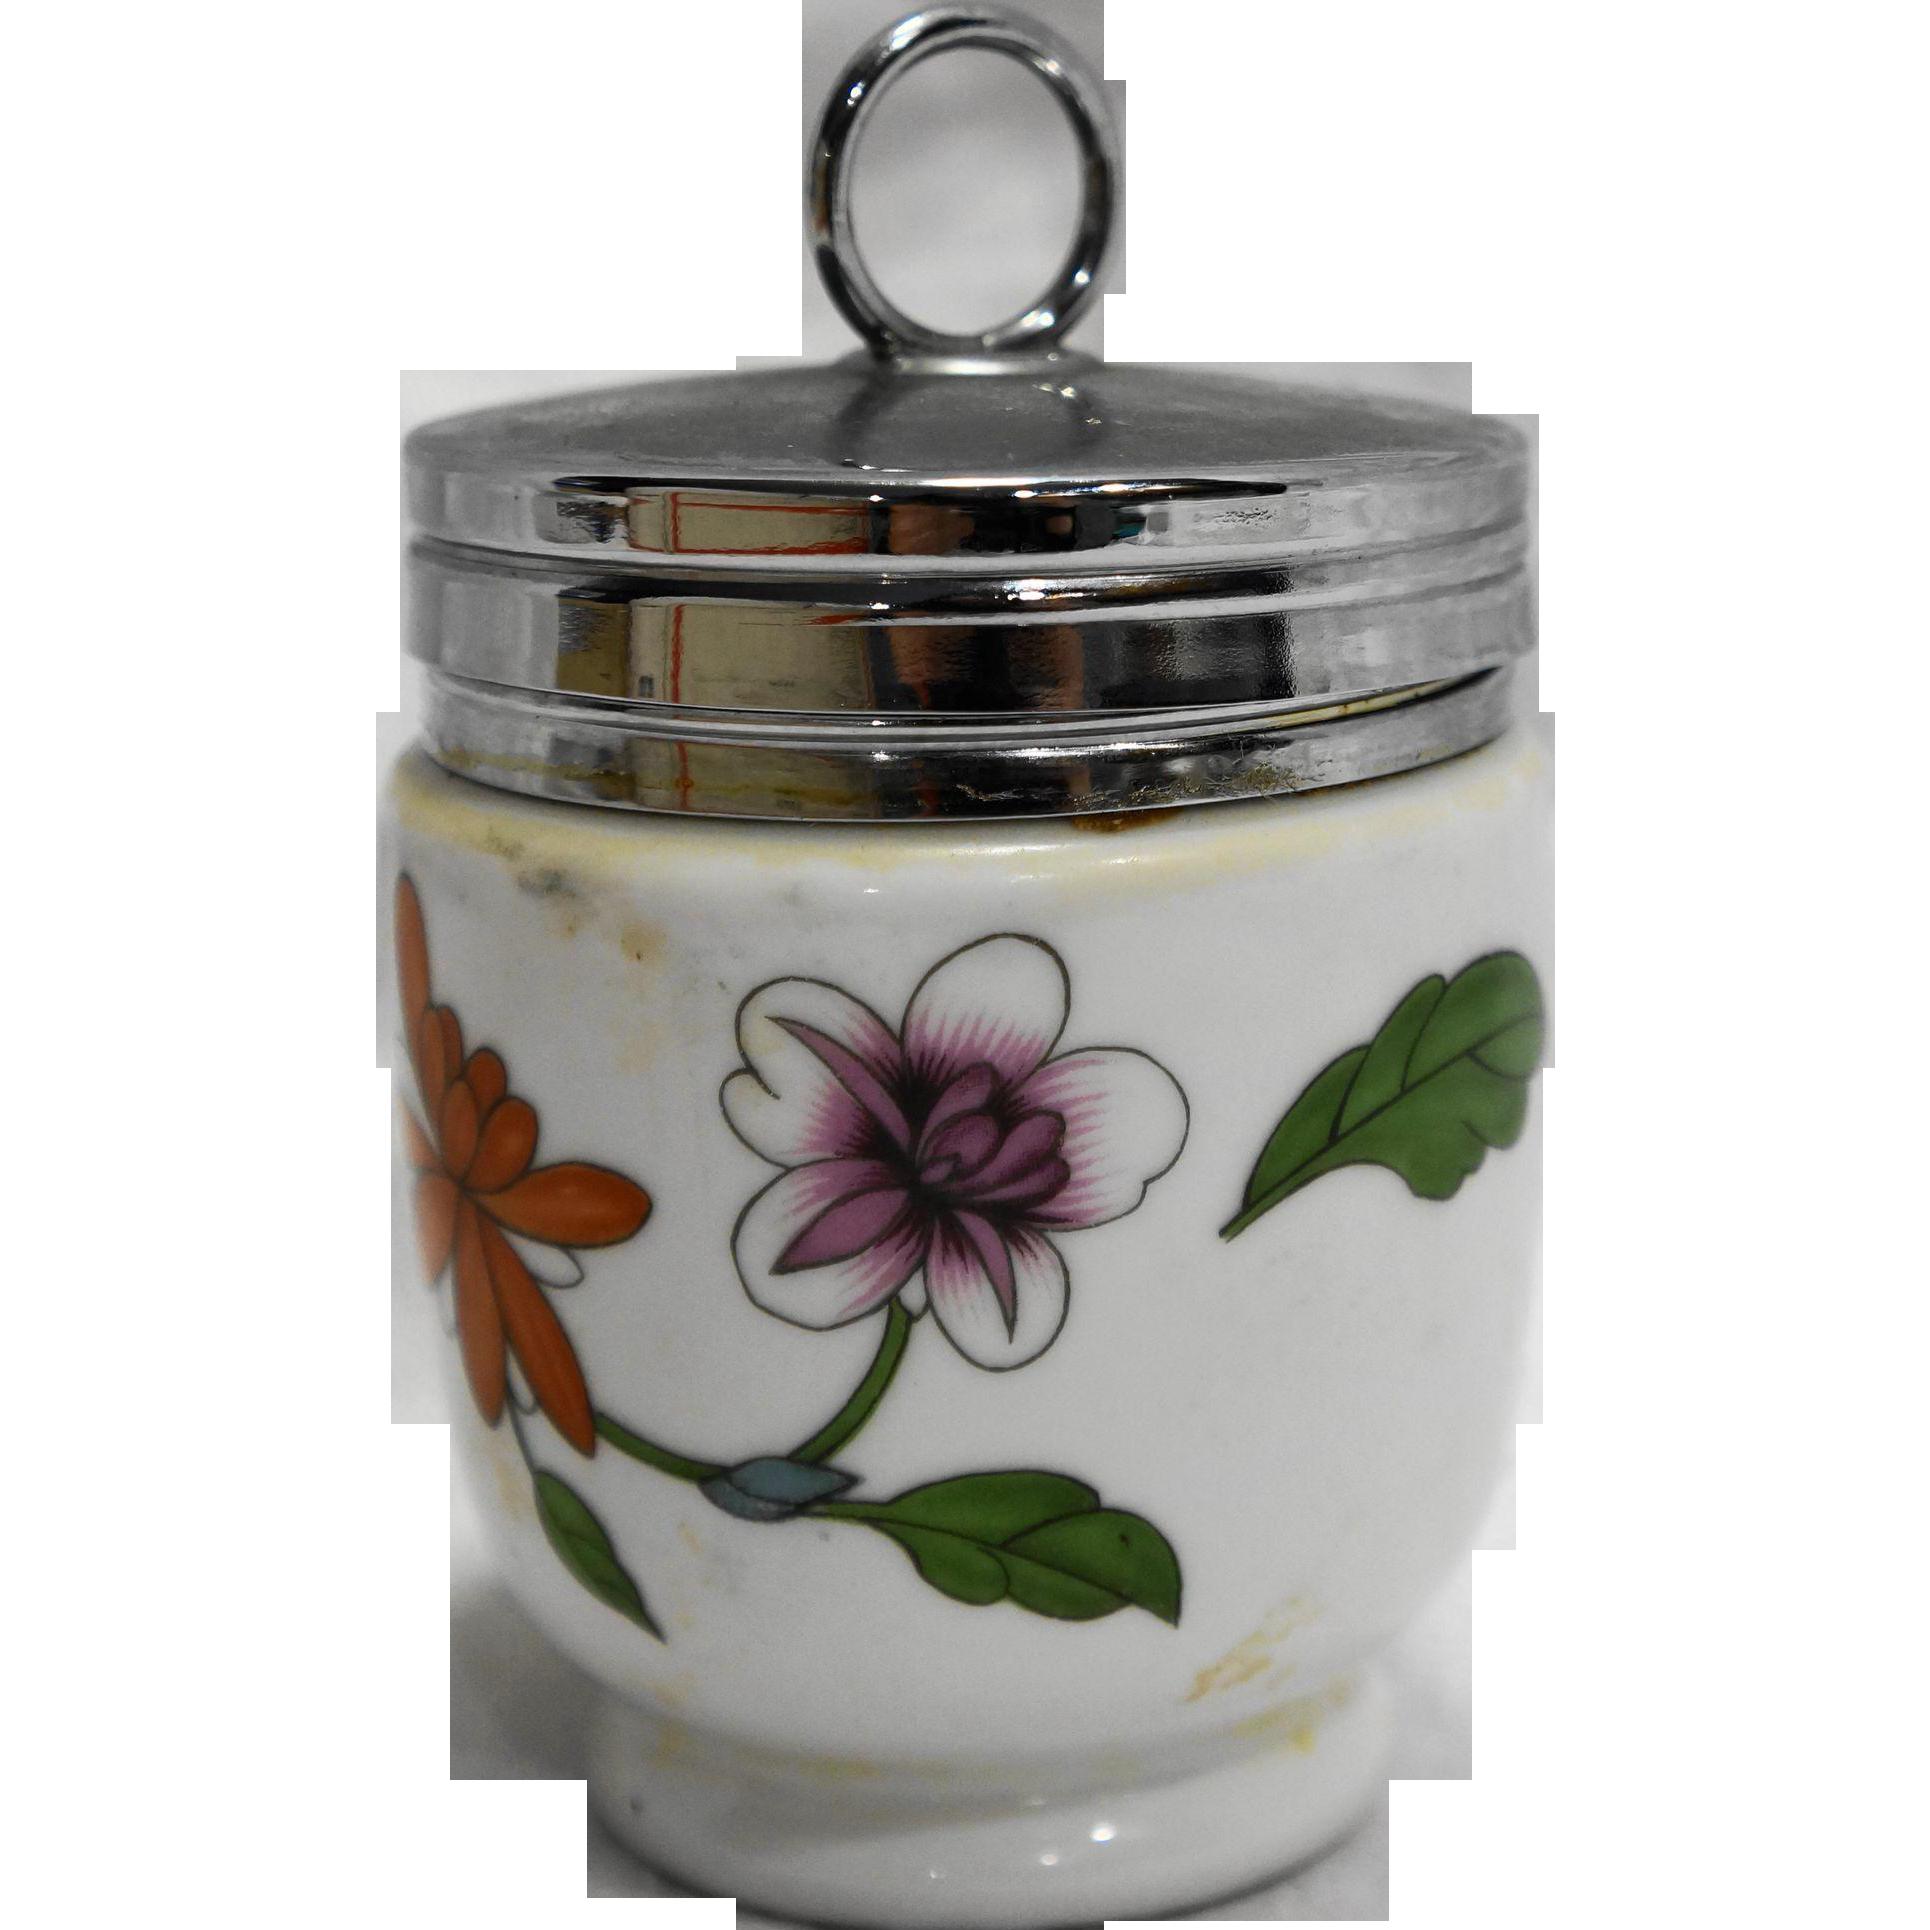 Royal Worcester Astley Egg Coddler Porcelain Floral King Size